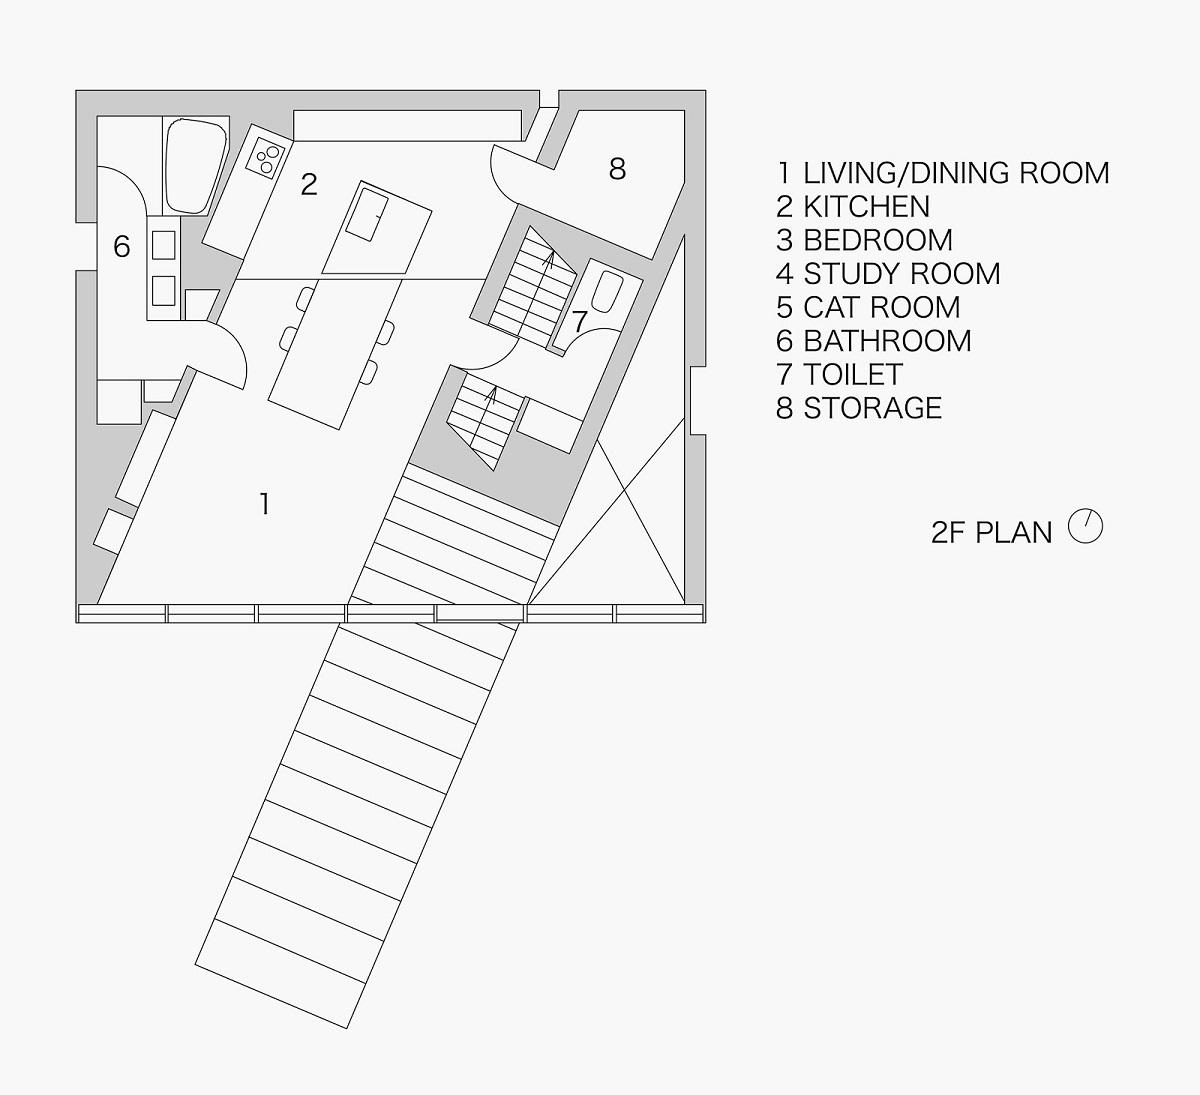 158532040586303_stairwayhouse_2Fplan.jpg